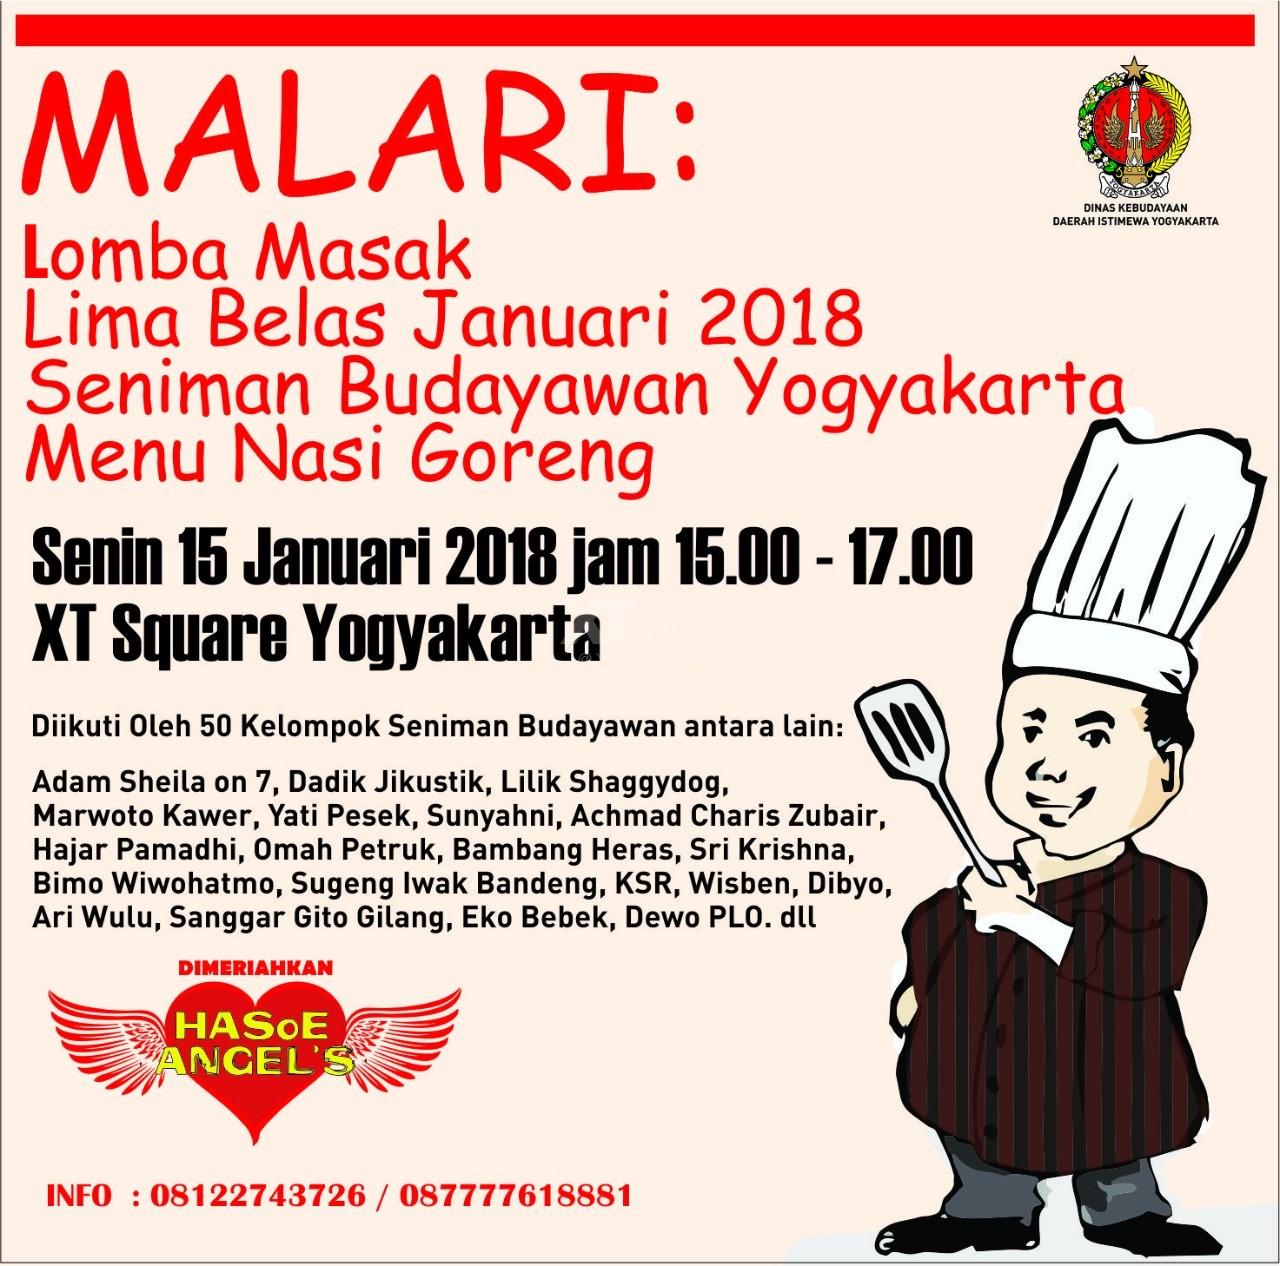 Lomba Masak Lima Belas Januari MALARI Seniman & Budayawan Yogyakarta